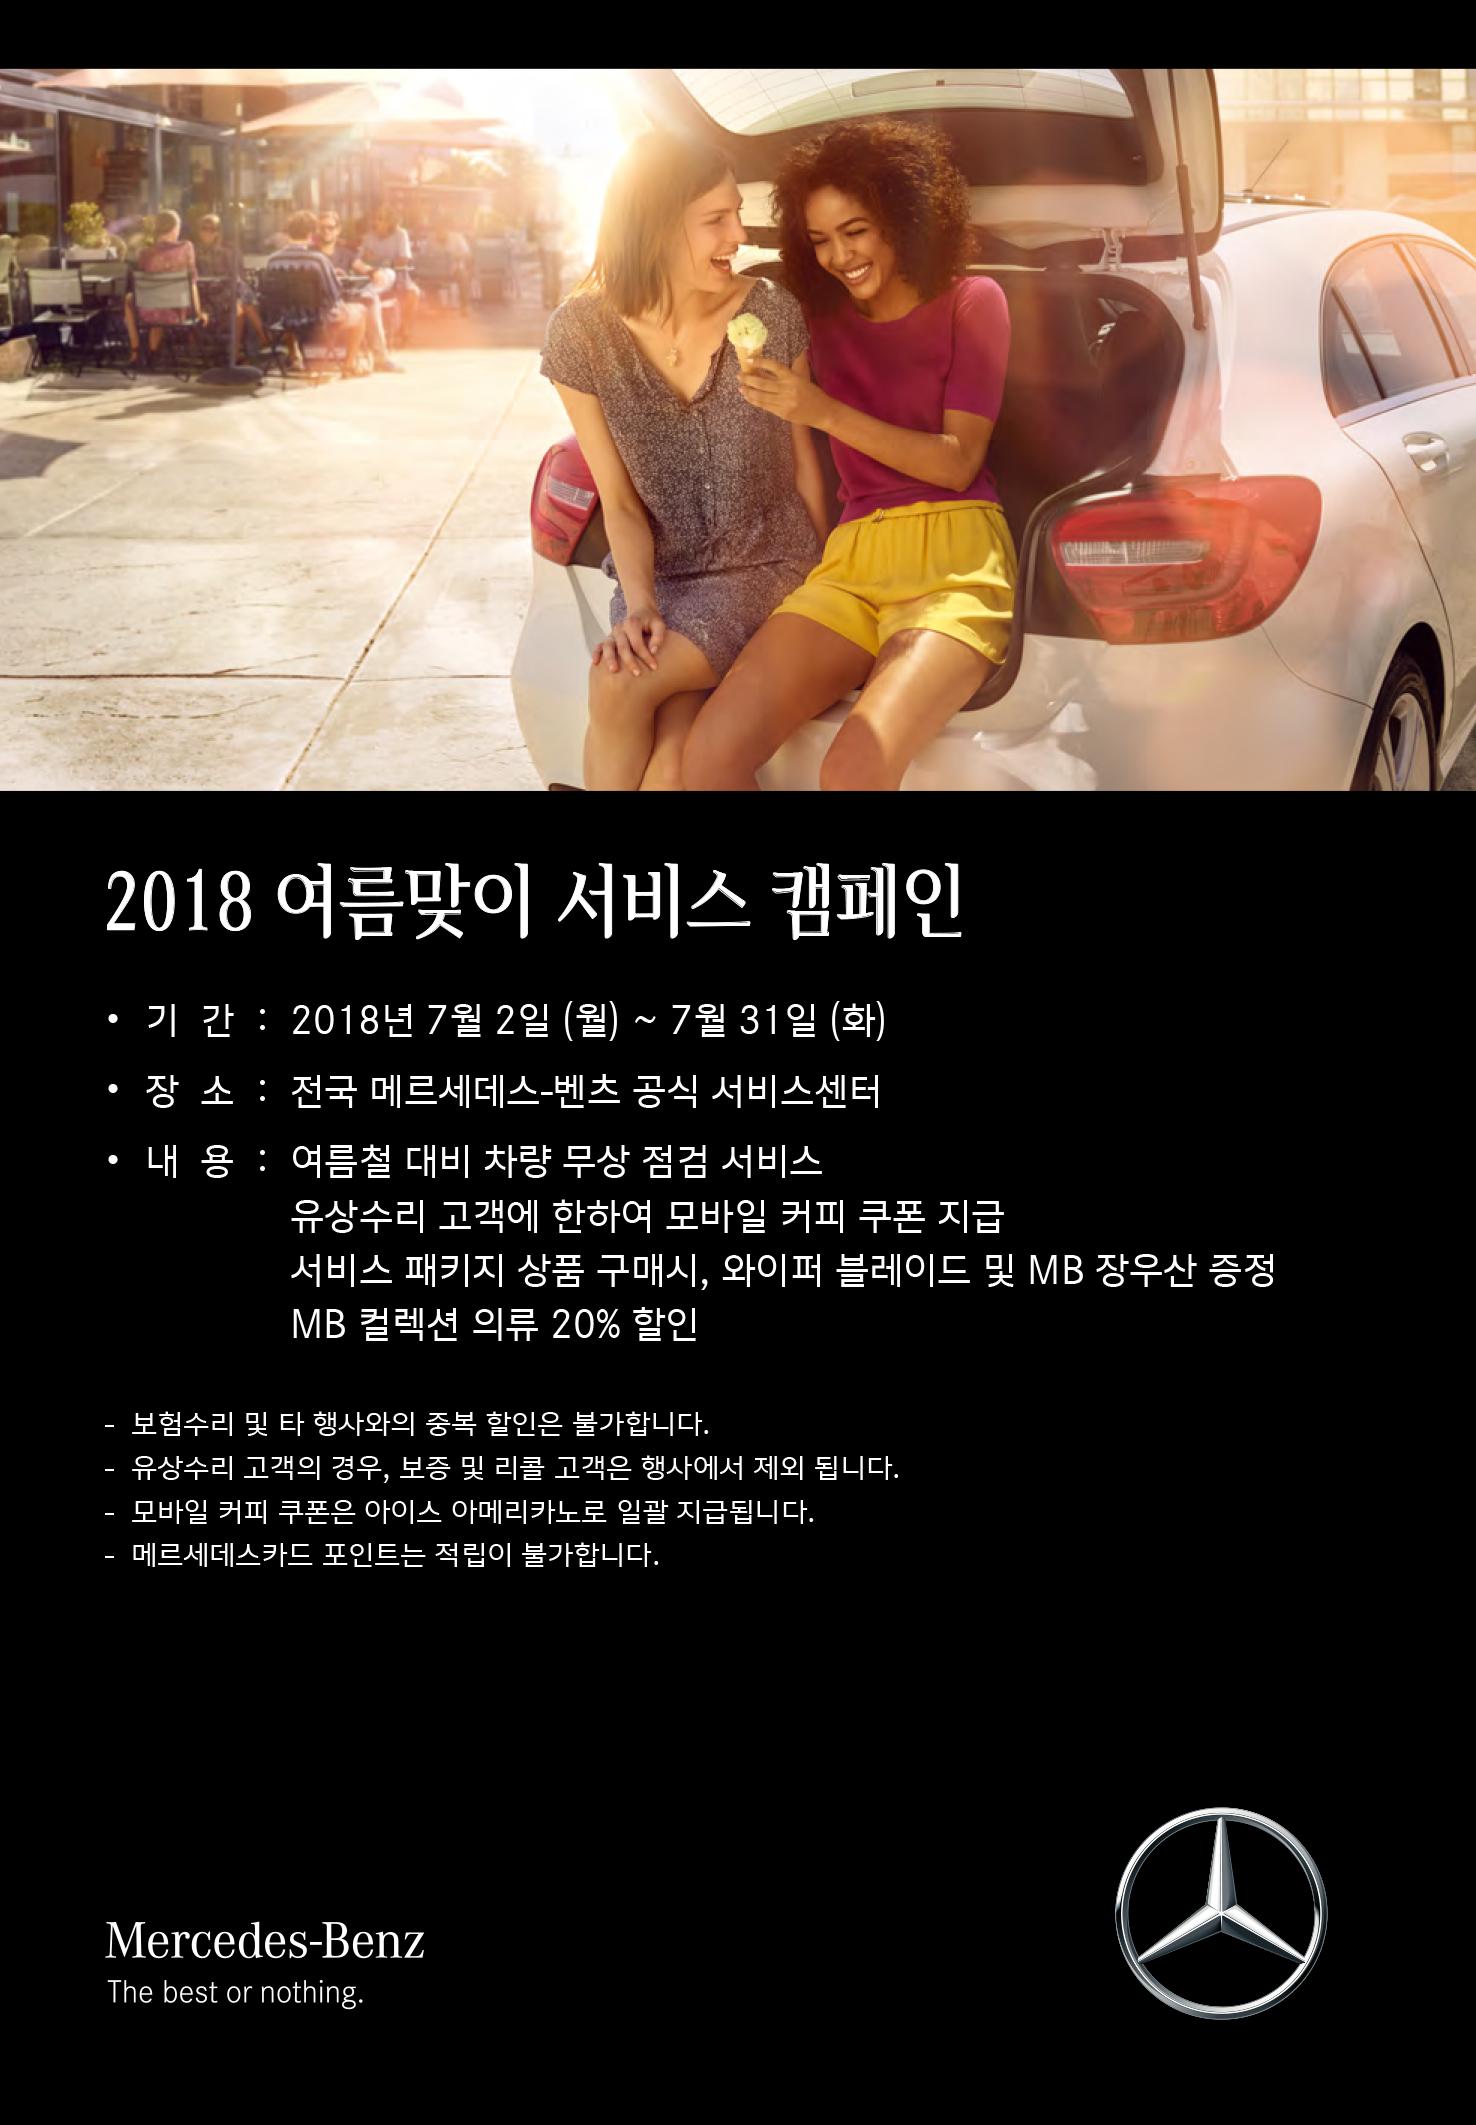 [사진자료] 메르세데스-벤츠 코리아, 차량 무상 점검 돕는 _여름맞이 서비스 캠페인_ 실시